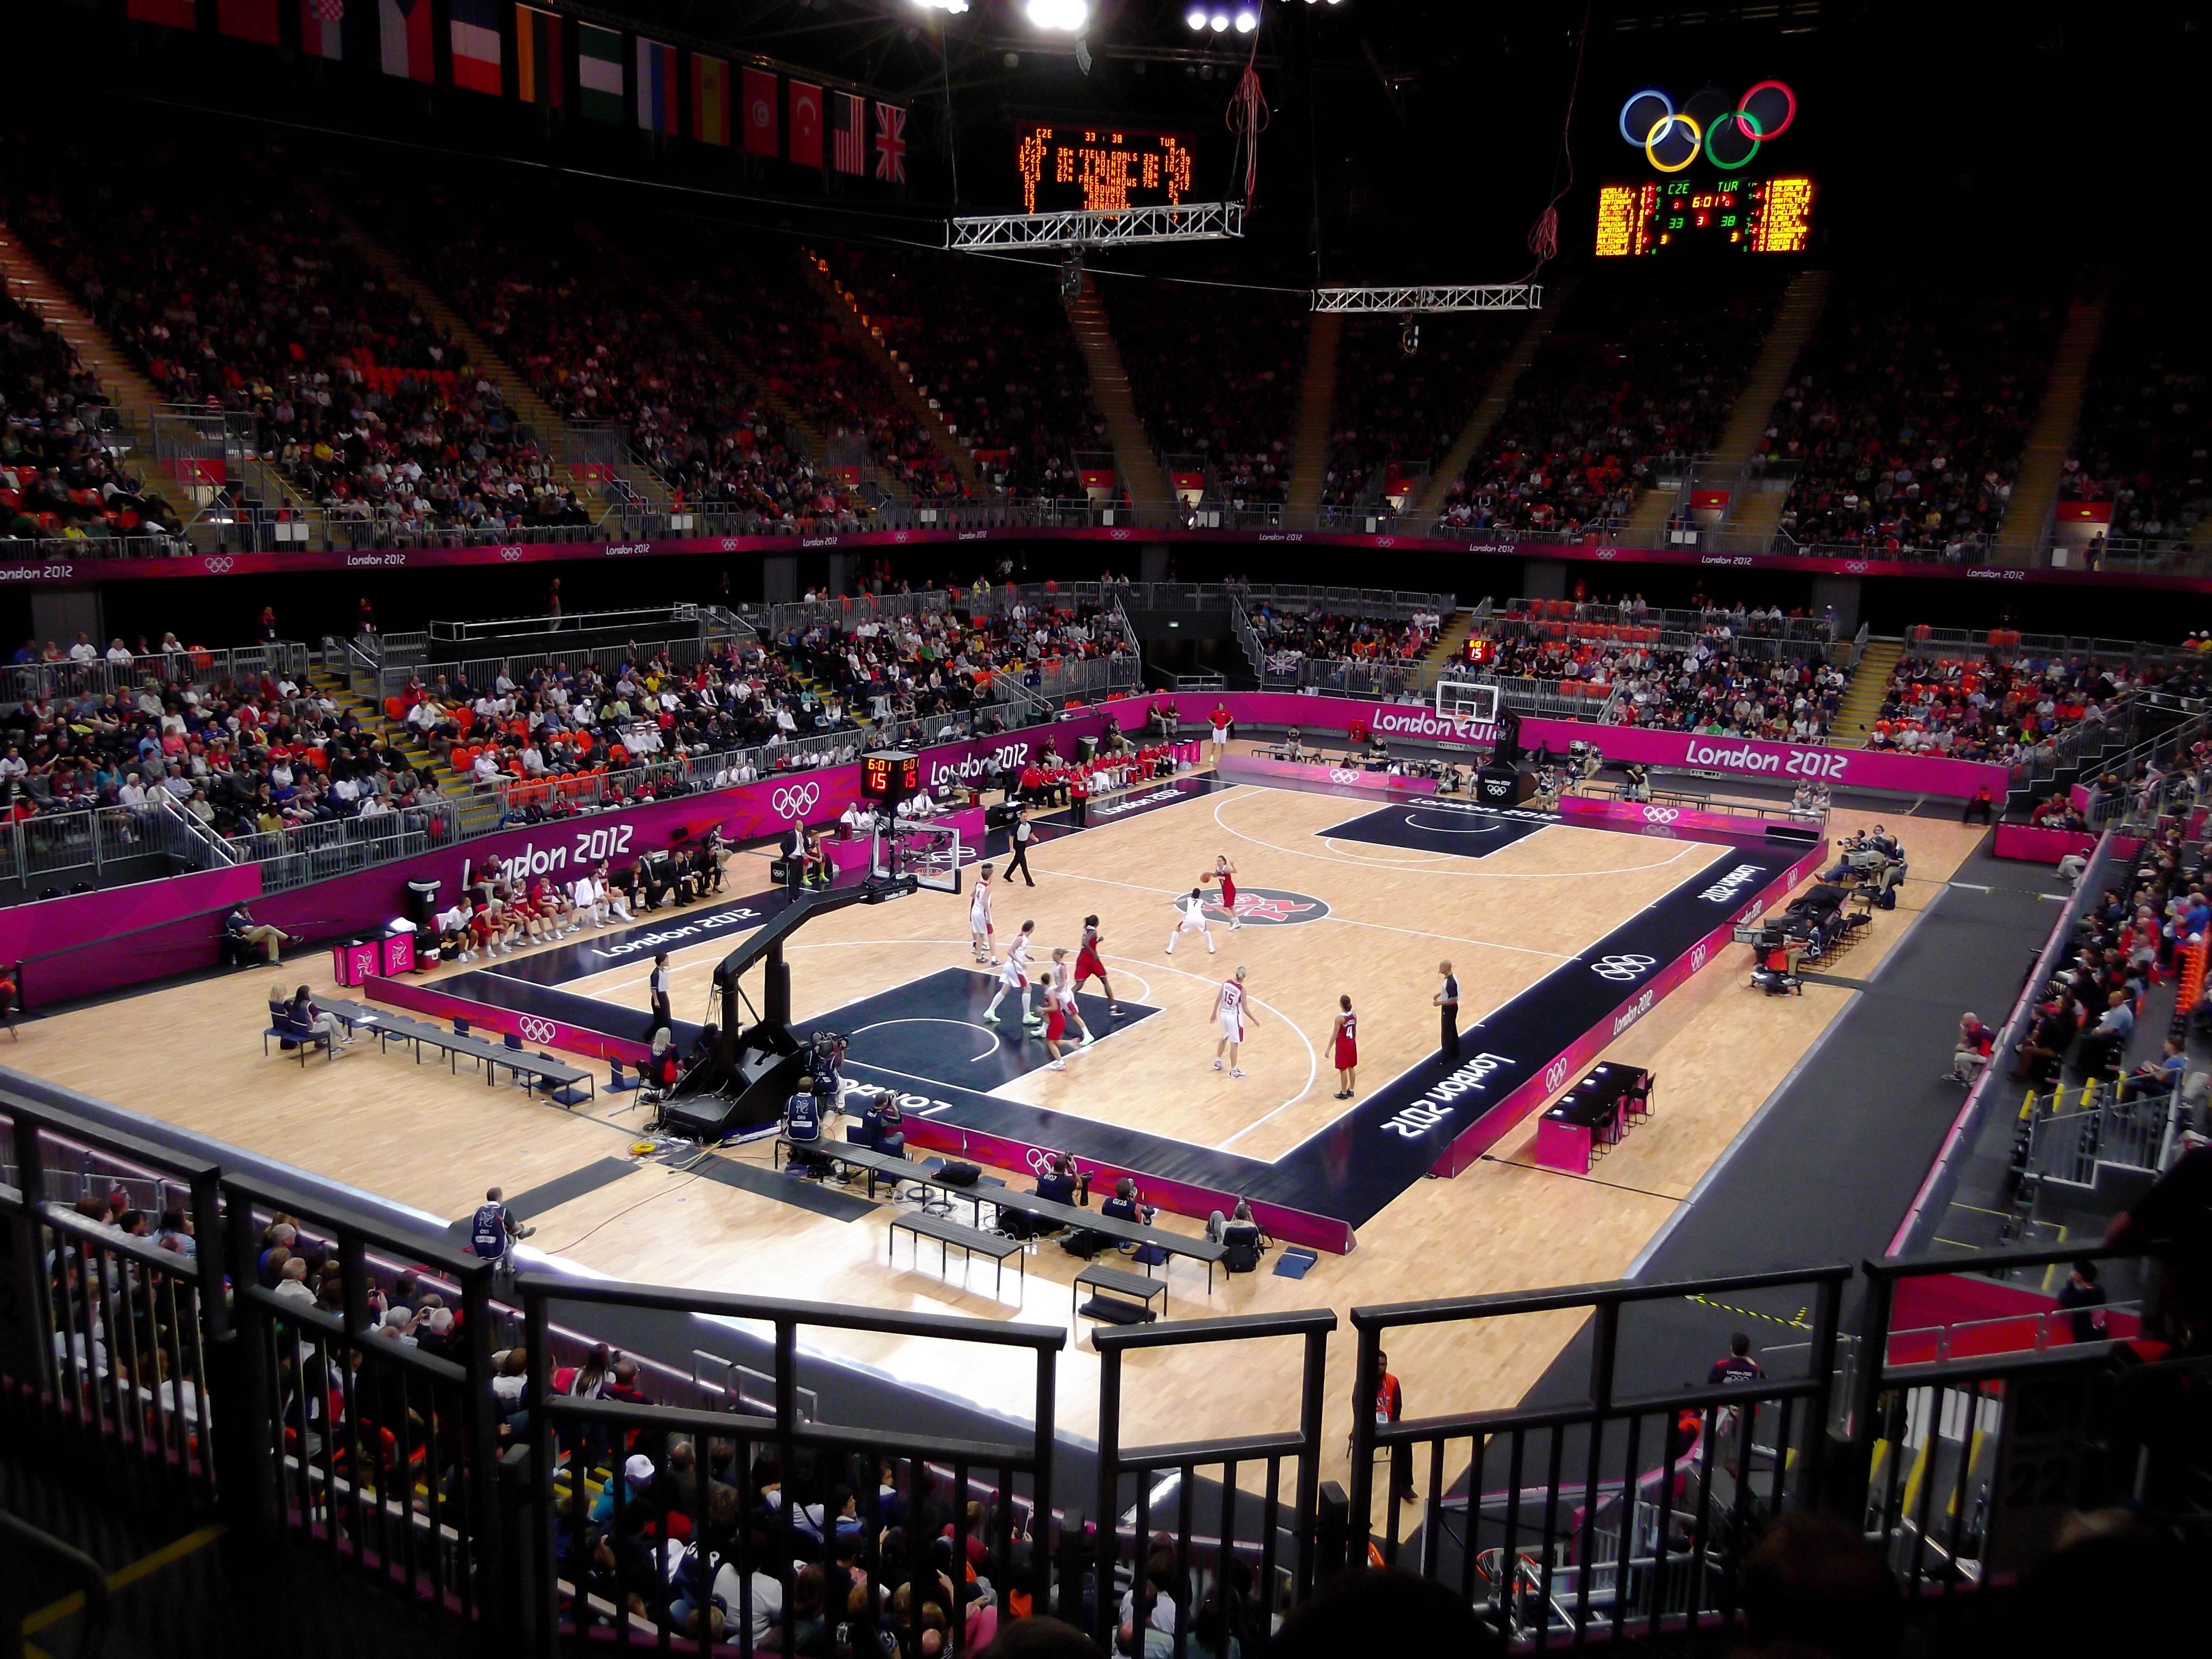 filelondon 2012 olympics 058 basketball arena 96